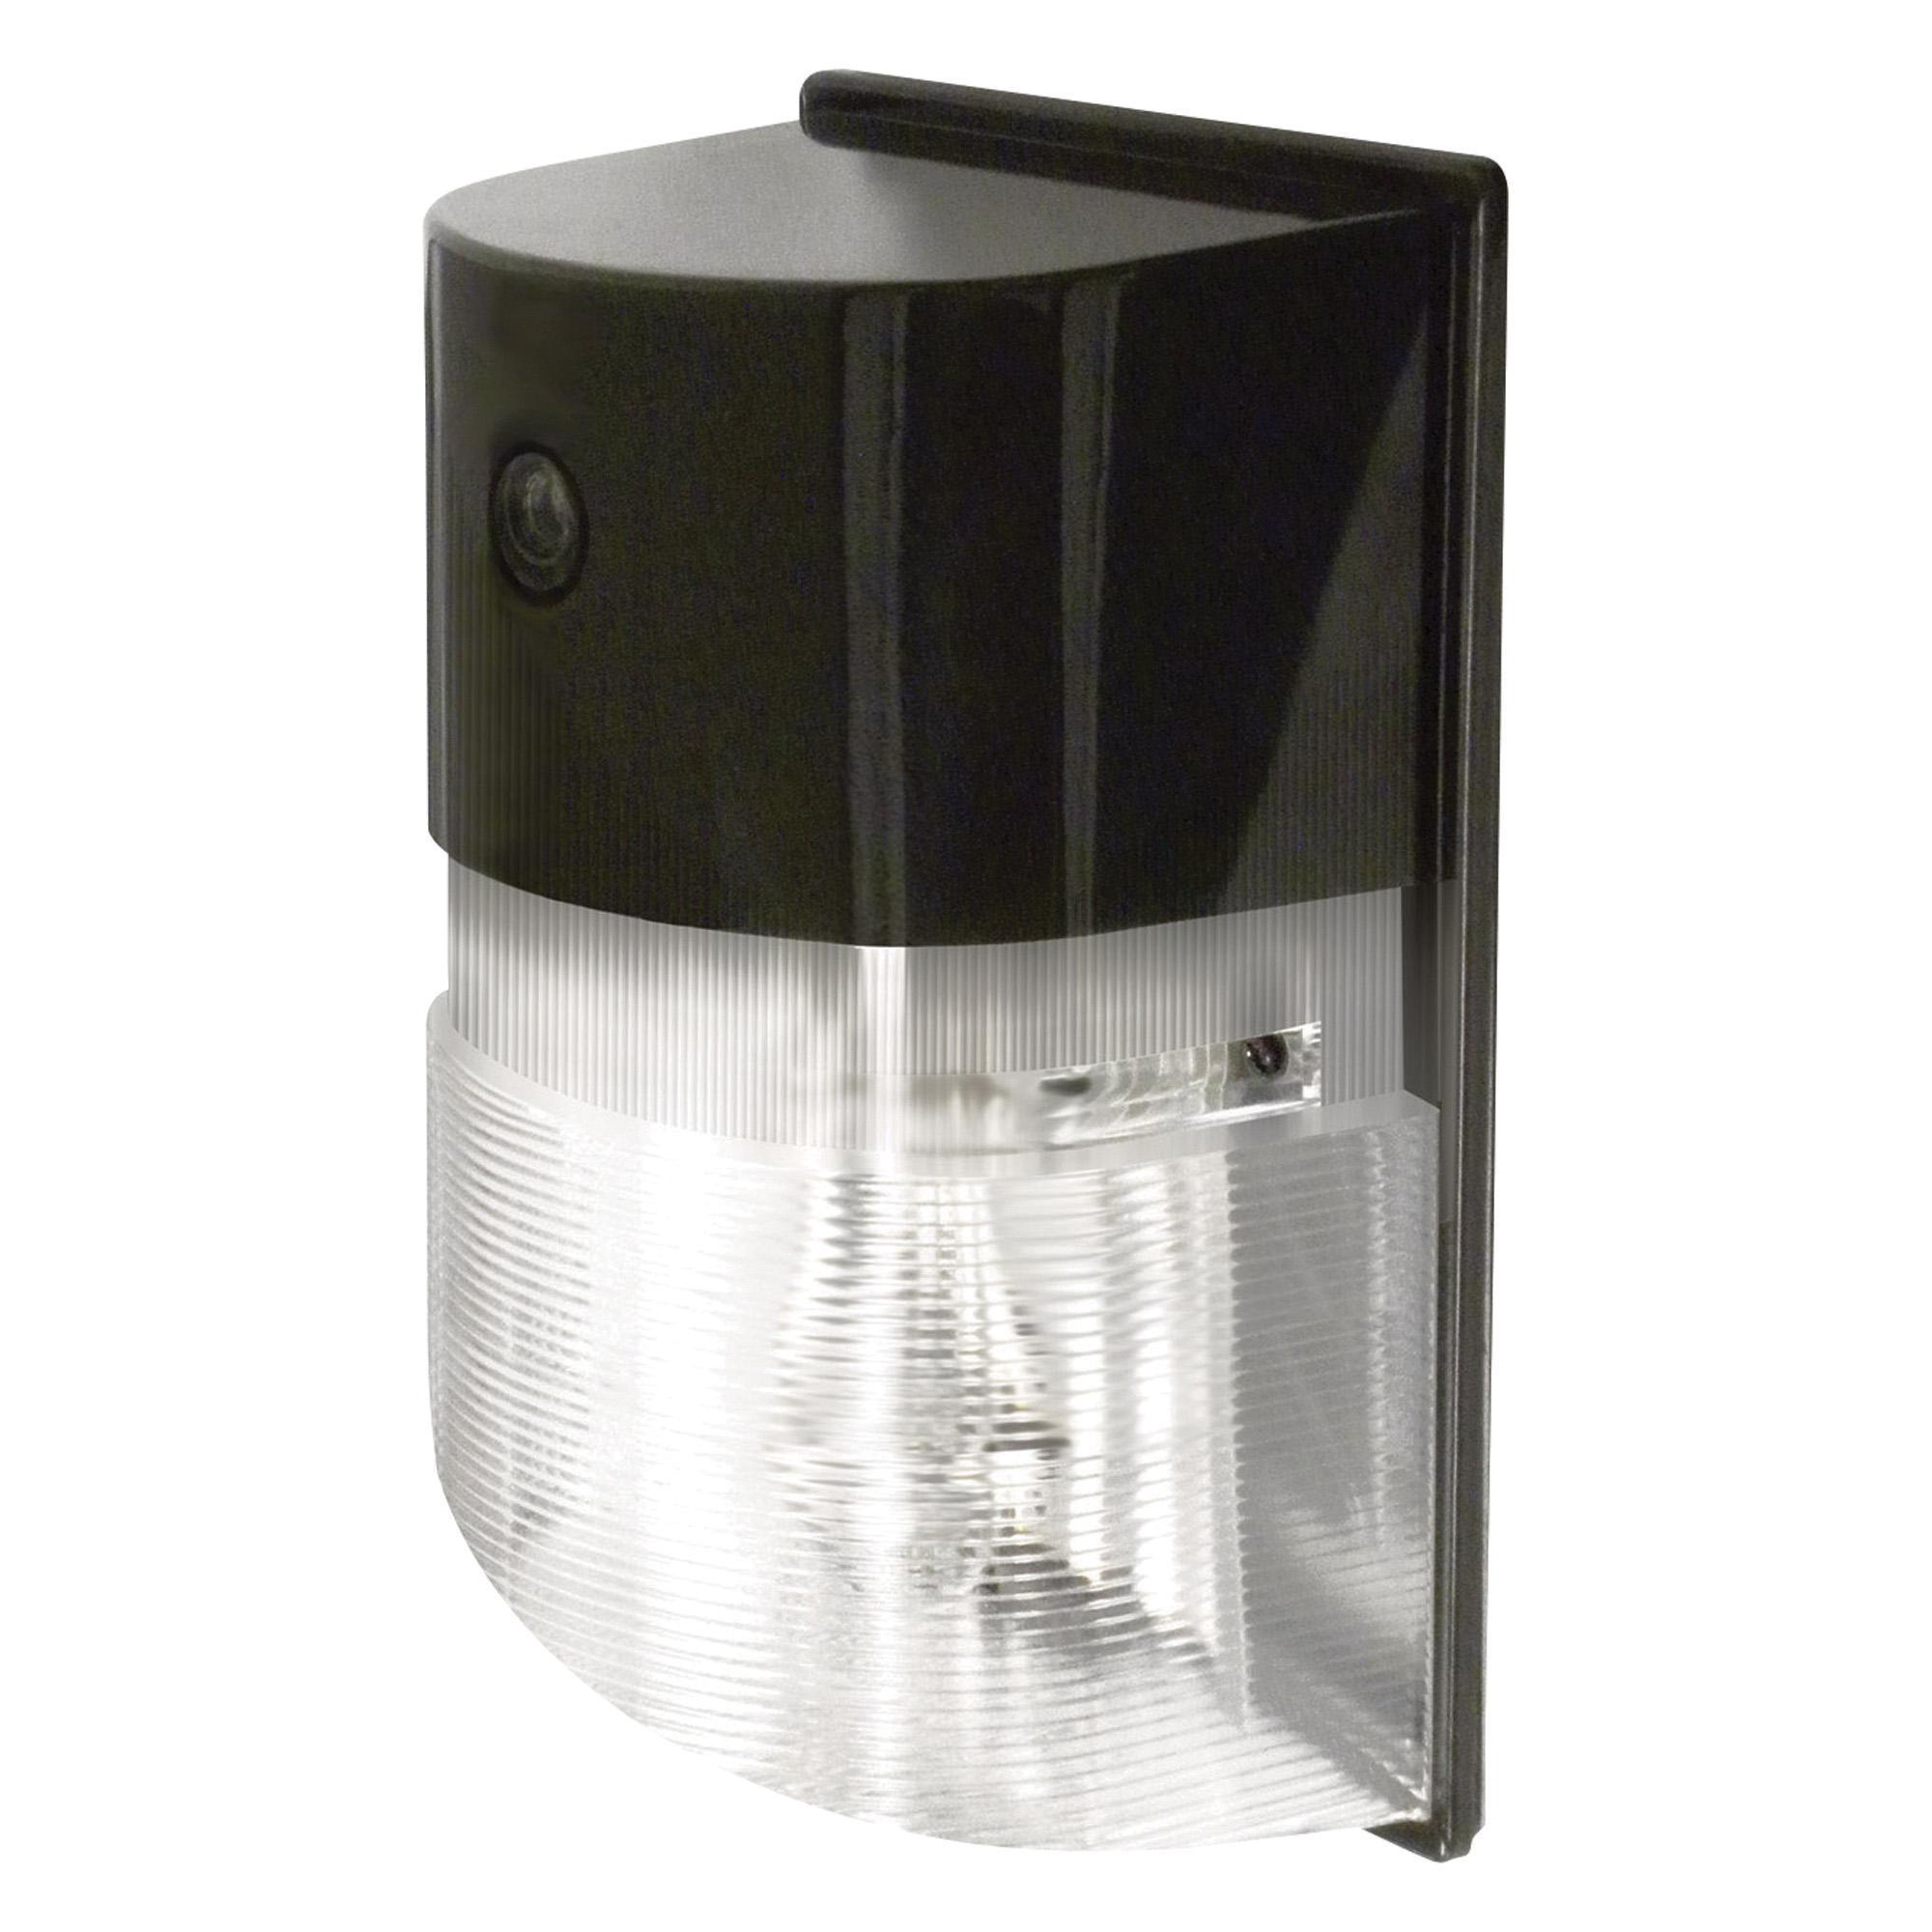 Designers Edge L177070w Wall Light 70 Watt